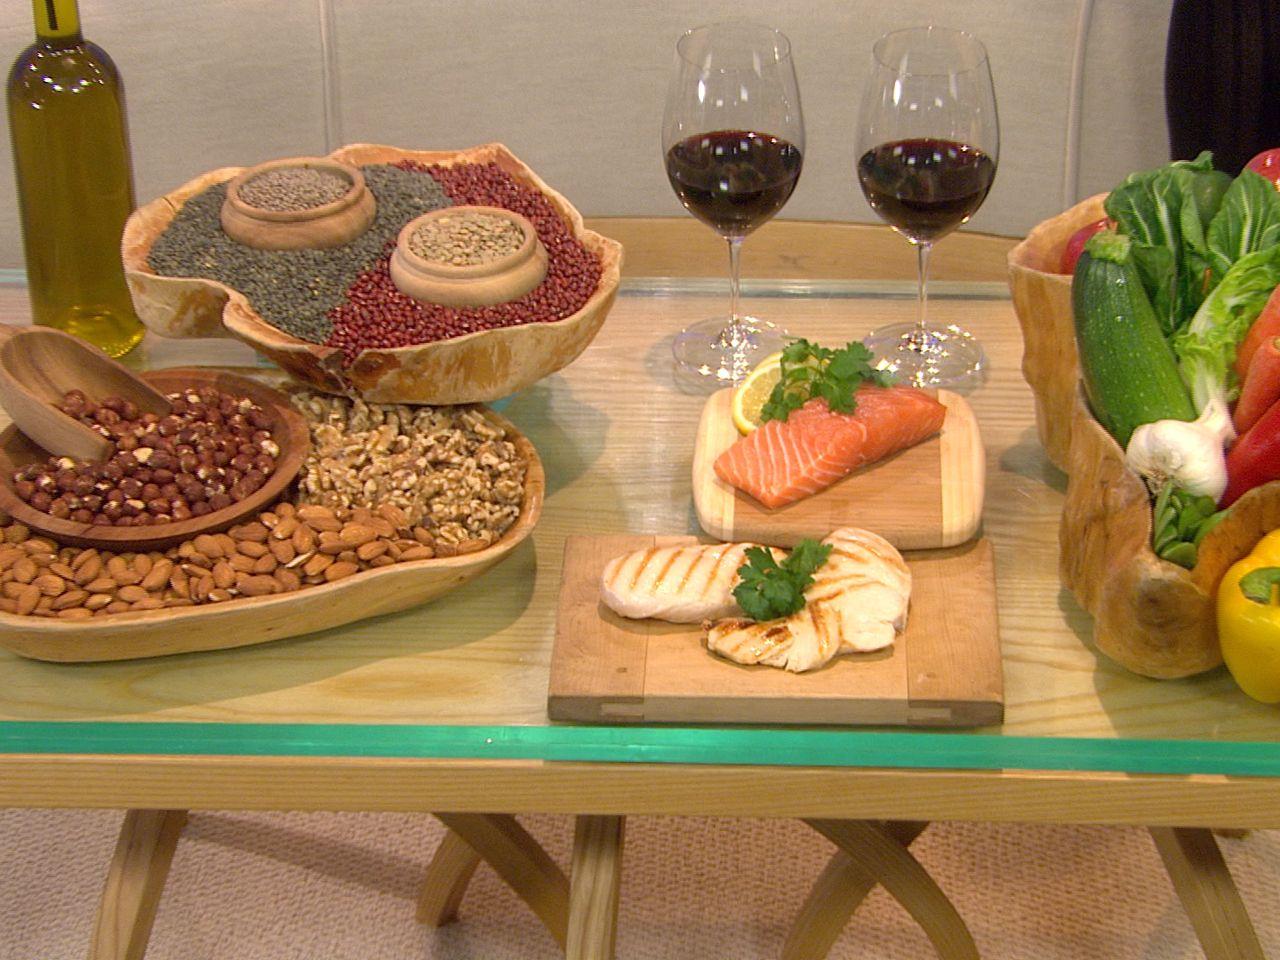 Study: Mediterranean diet lowers heart attack risk